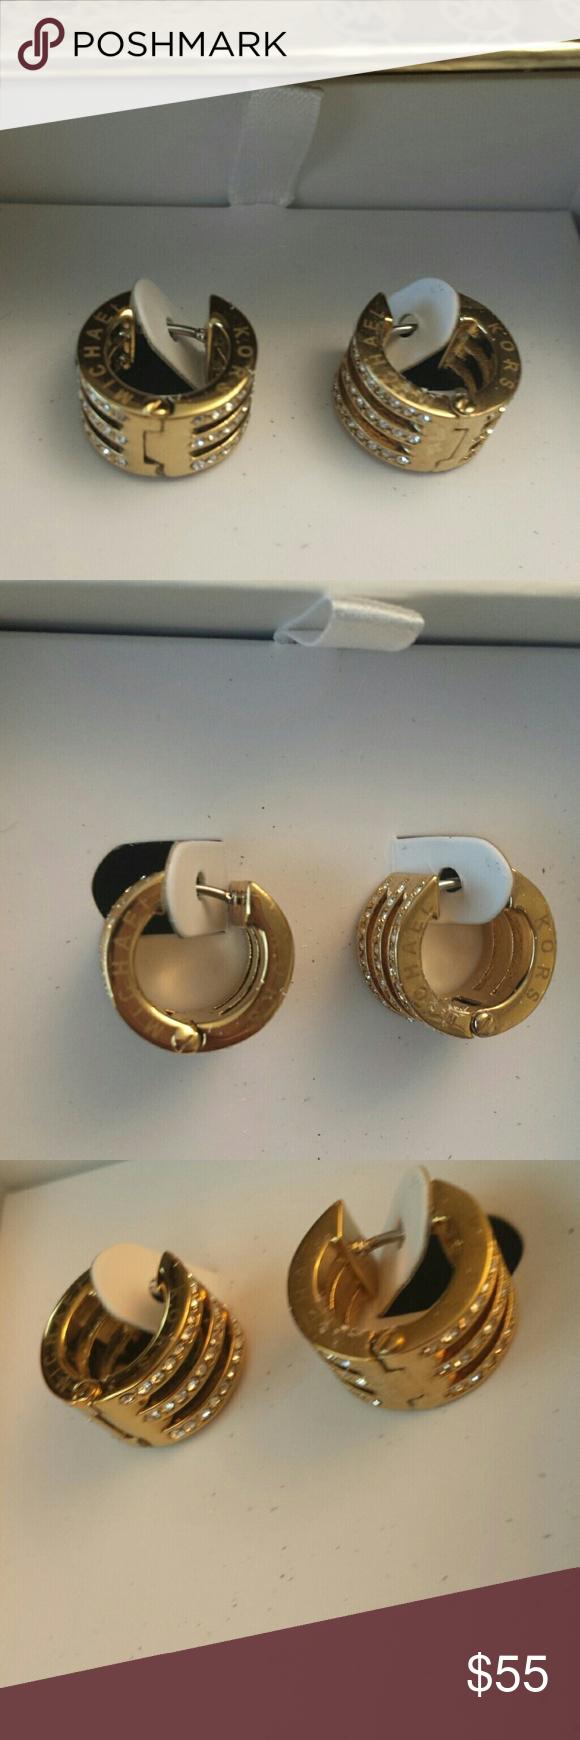 4f63f30f2d9479 Michael Kors NWT Crystal Pave GoldHuggie Earrings Michael Kors NWT Gold Tone  Crystal Pave Motif Bar Huggie Hoop Earrings, mkj3768710, Stainless steel,  ...